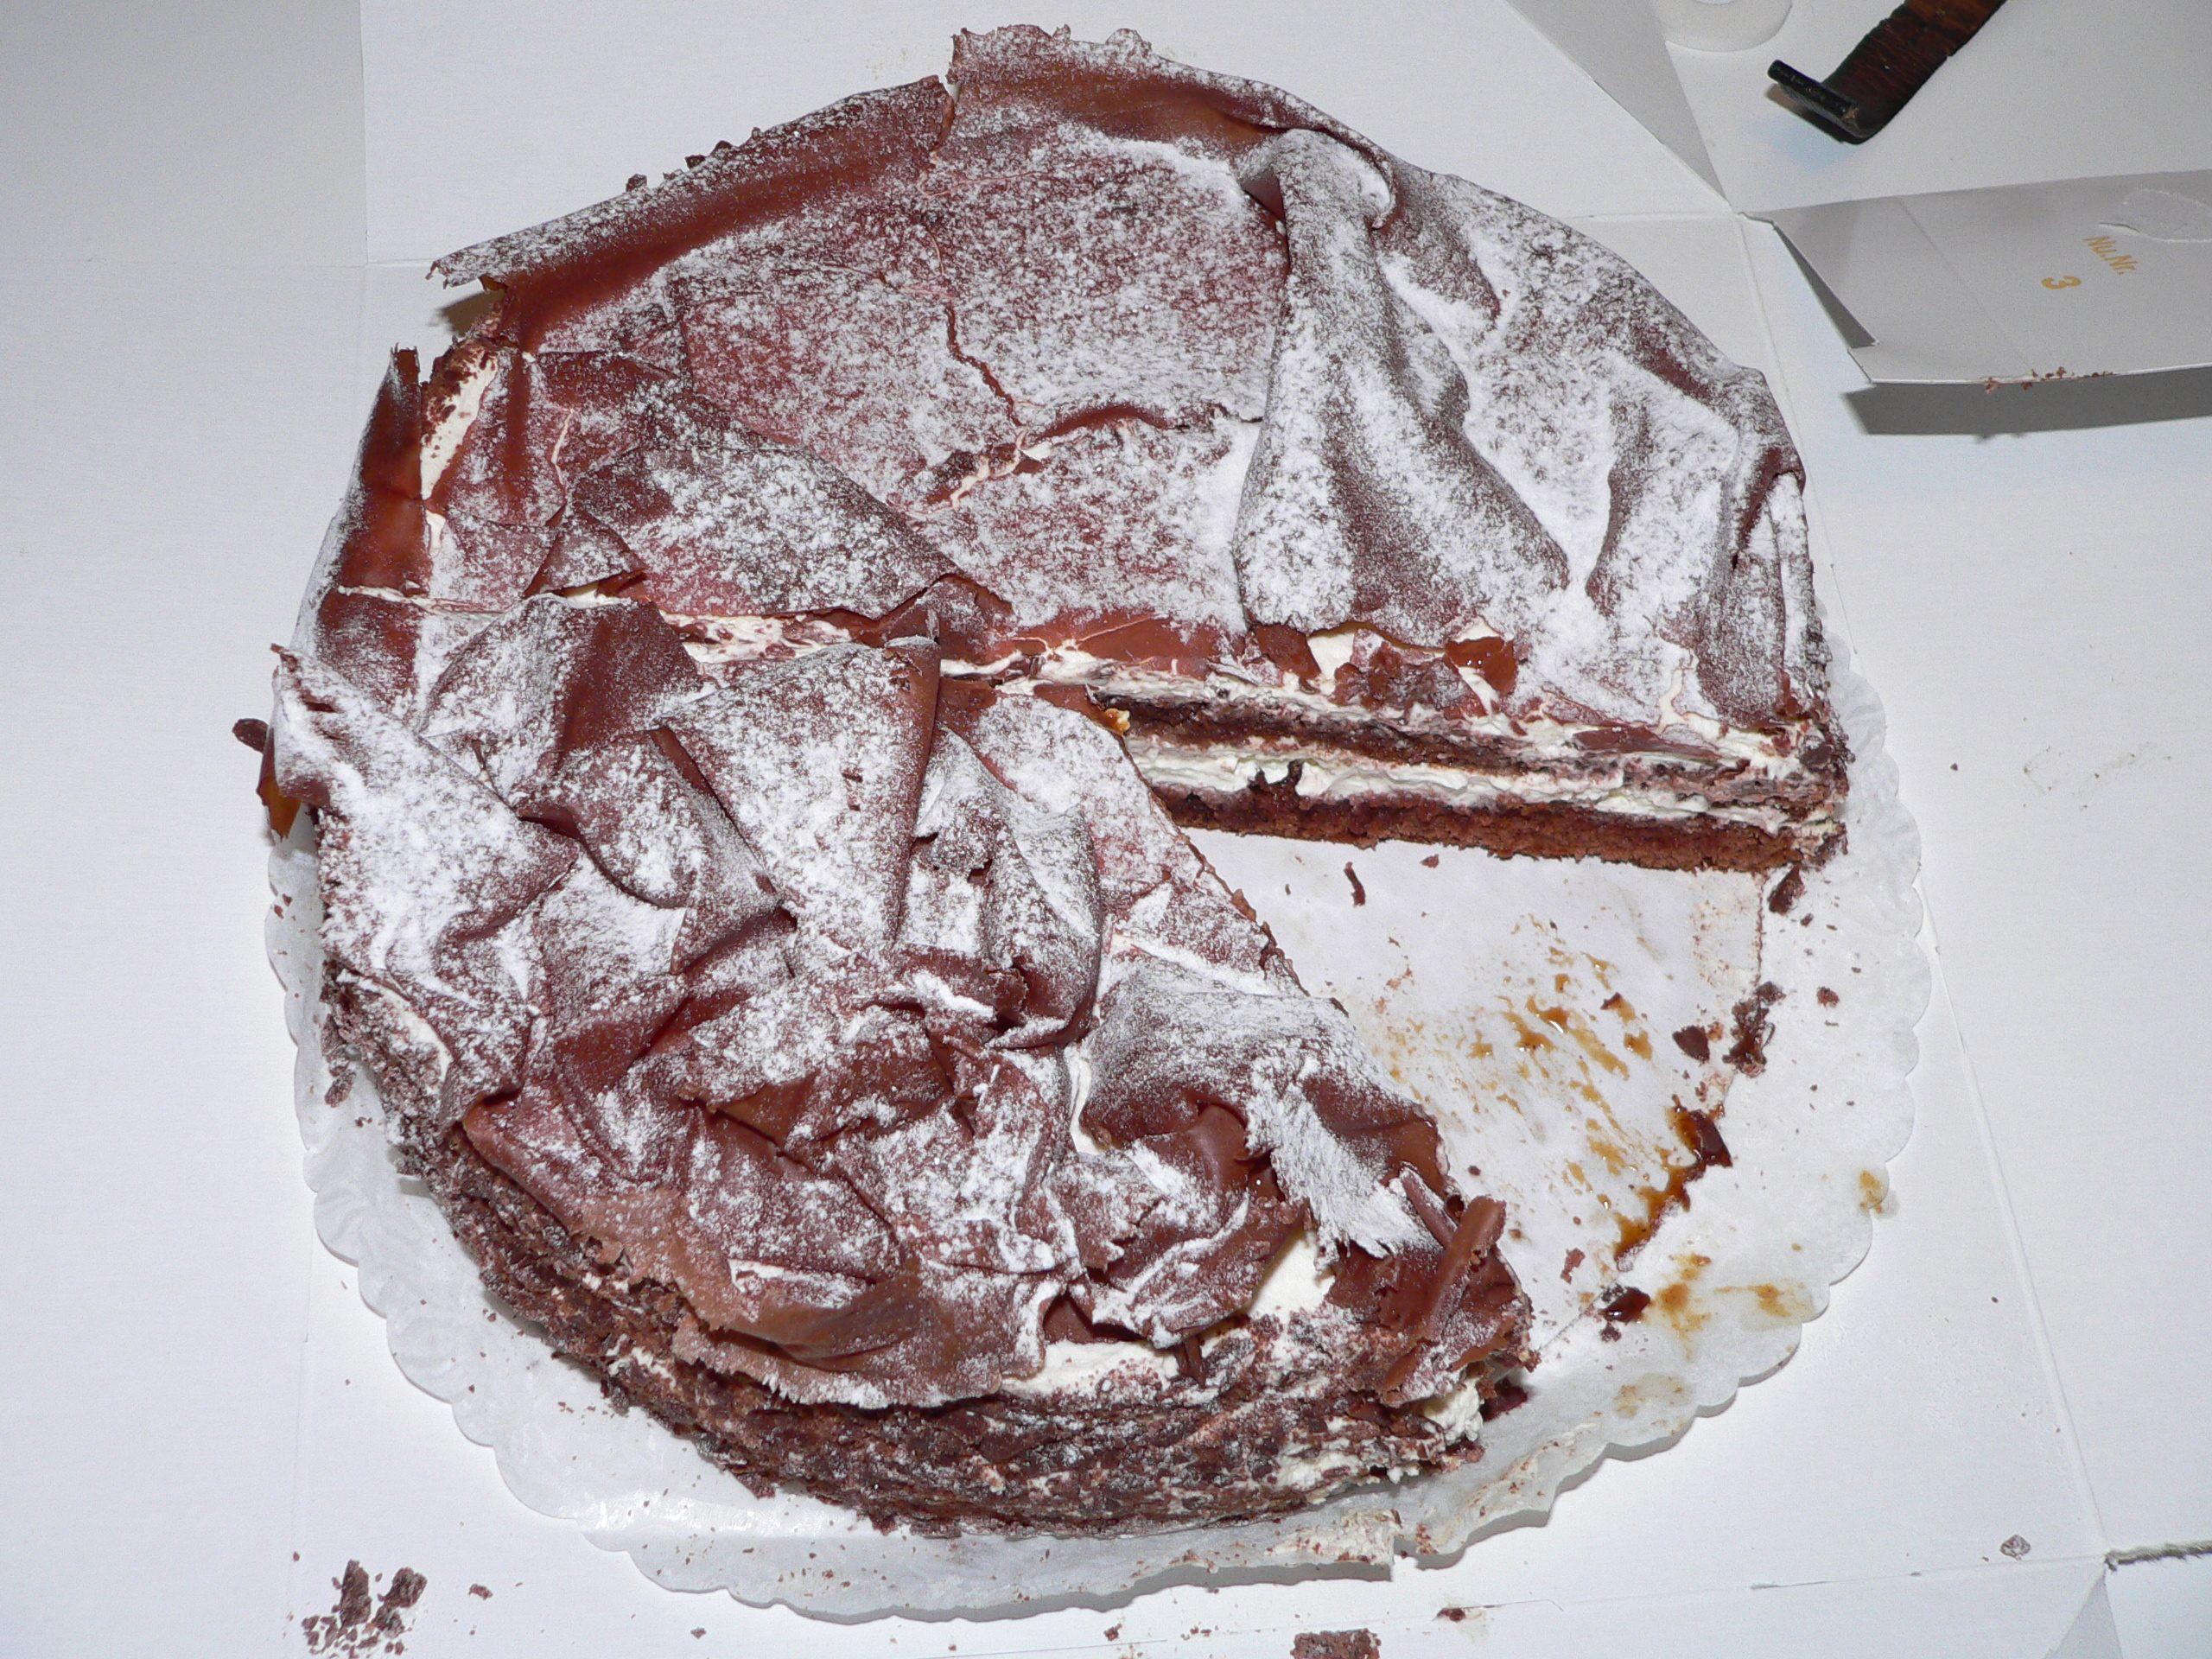 Gateau Au Cake Ball